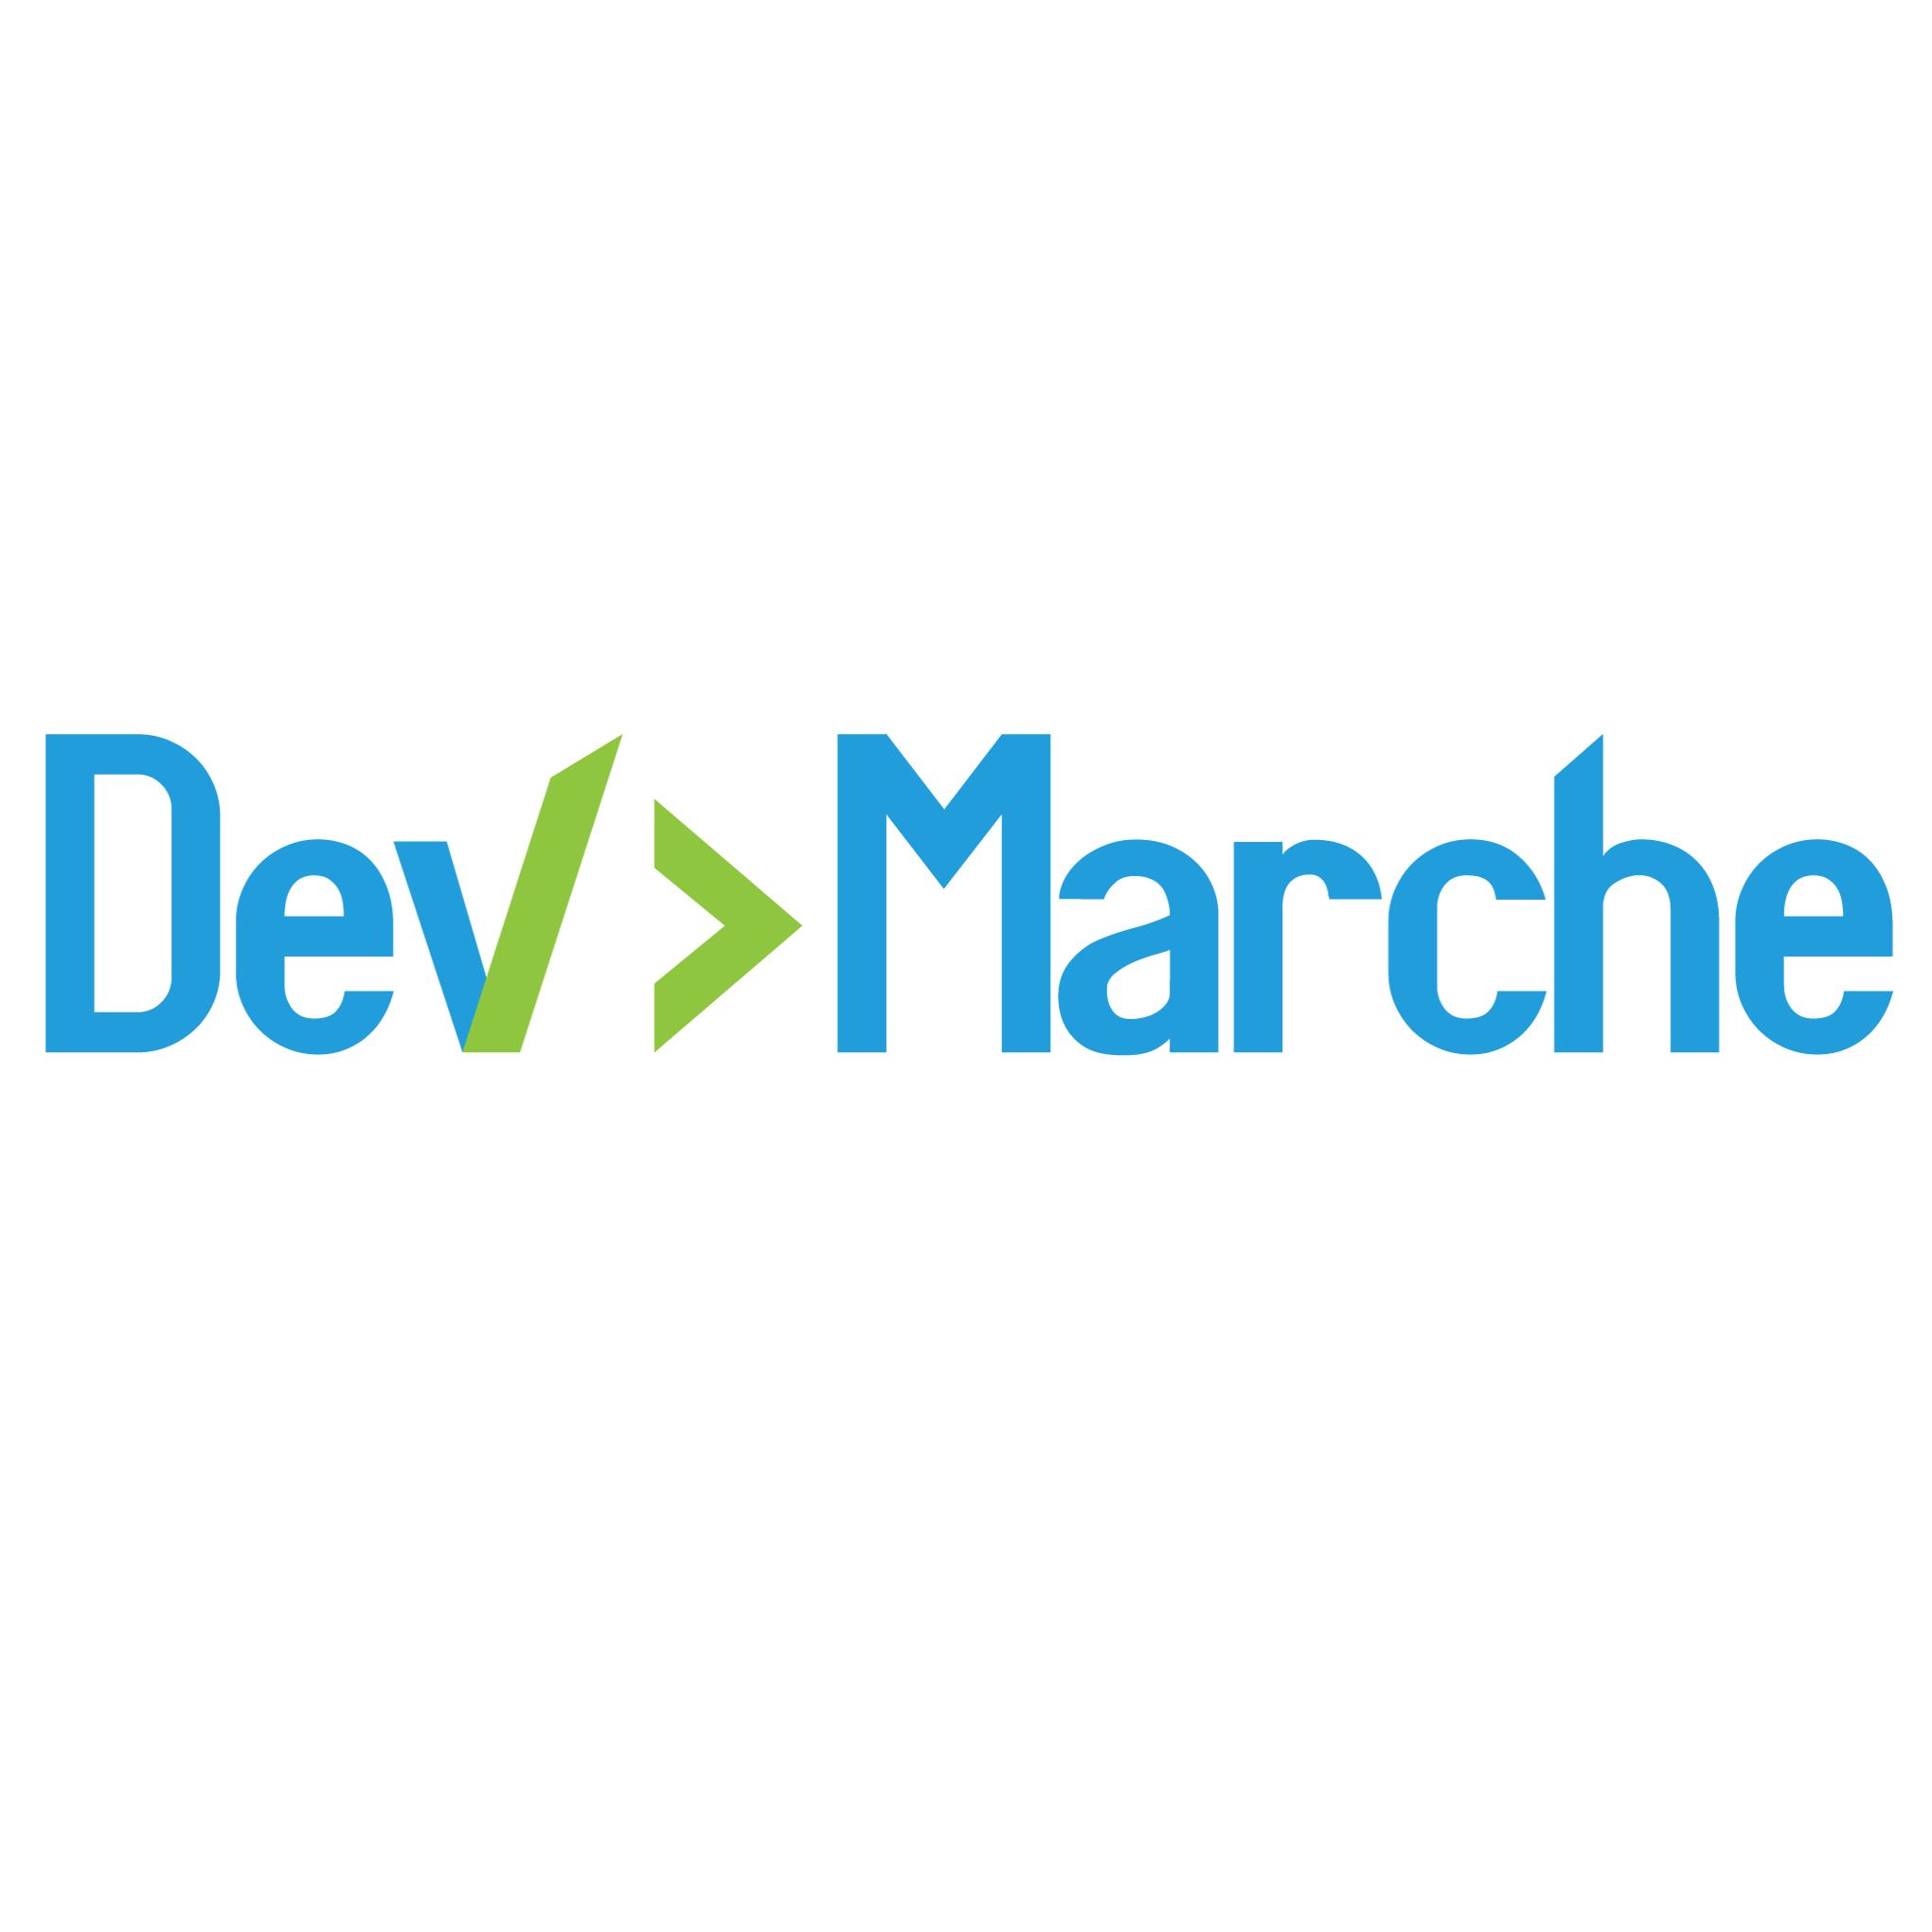 DevMarche